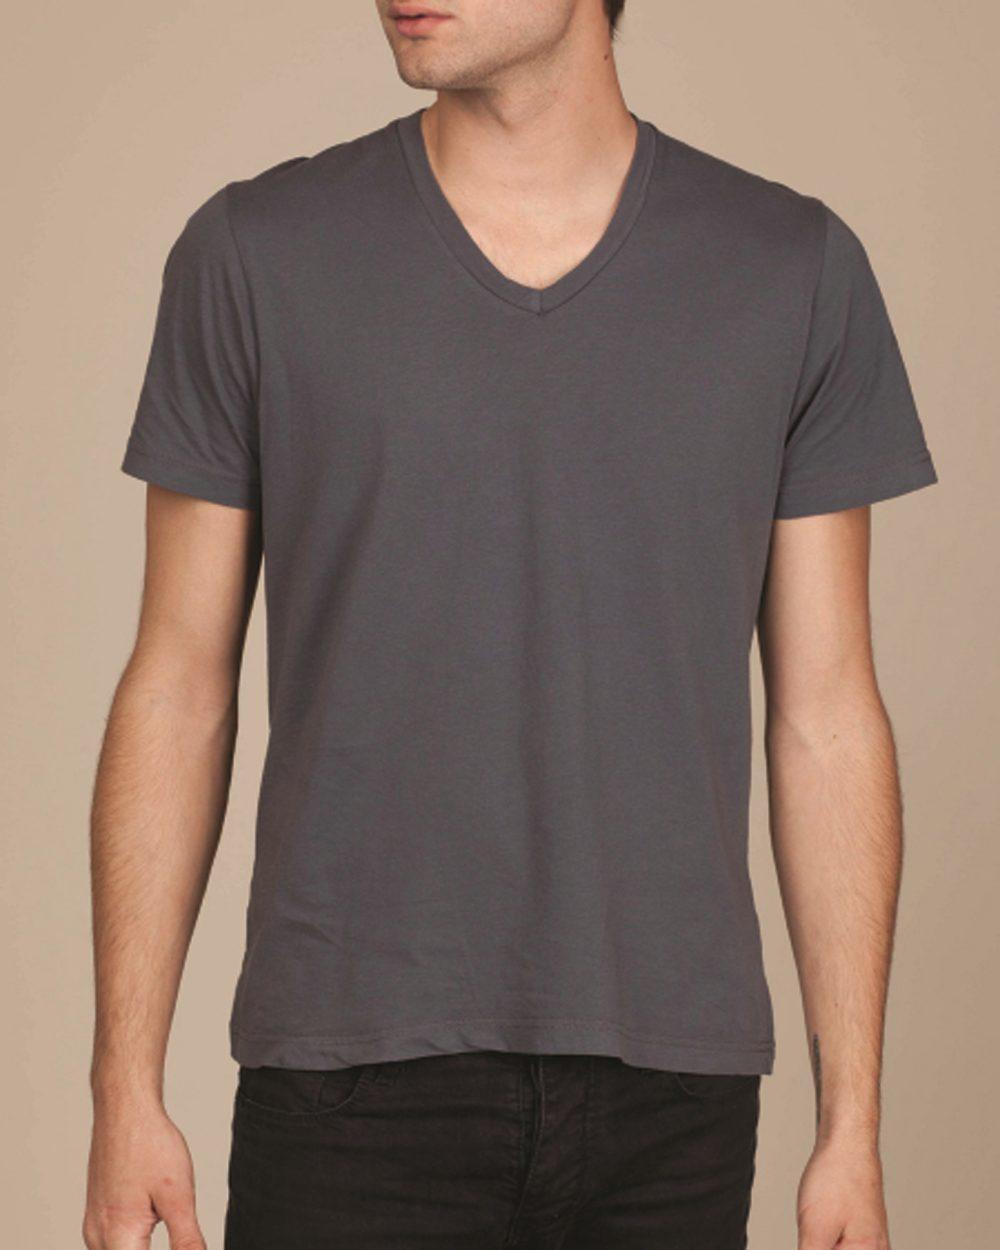 Alternative 1032 - Basic V-Neck T-Shirt